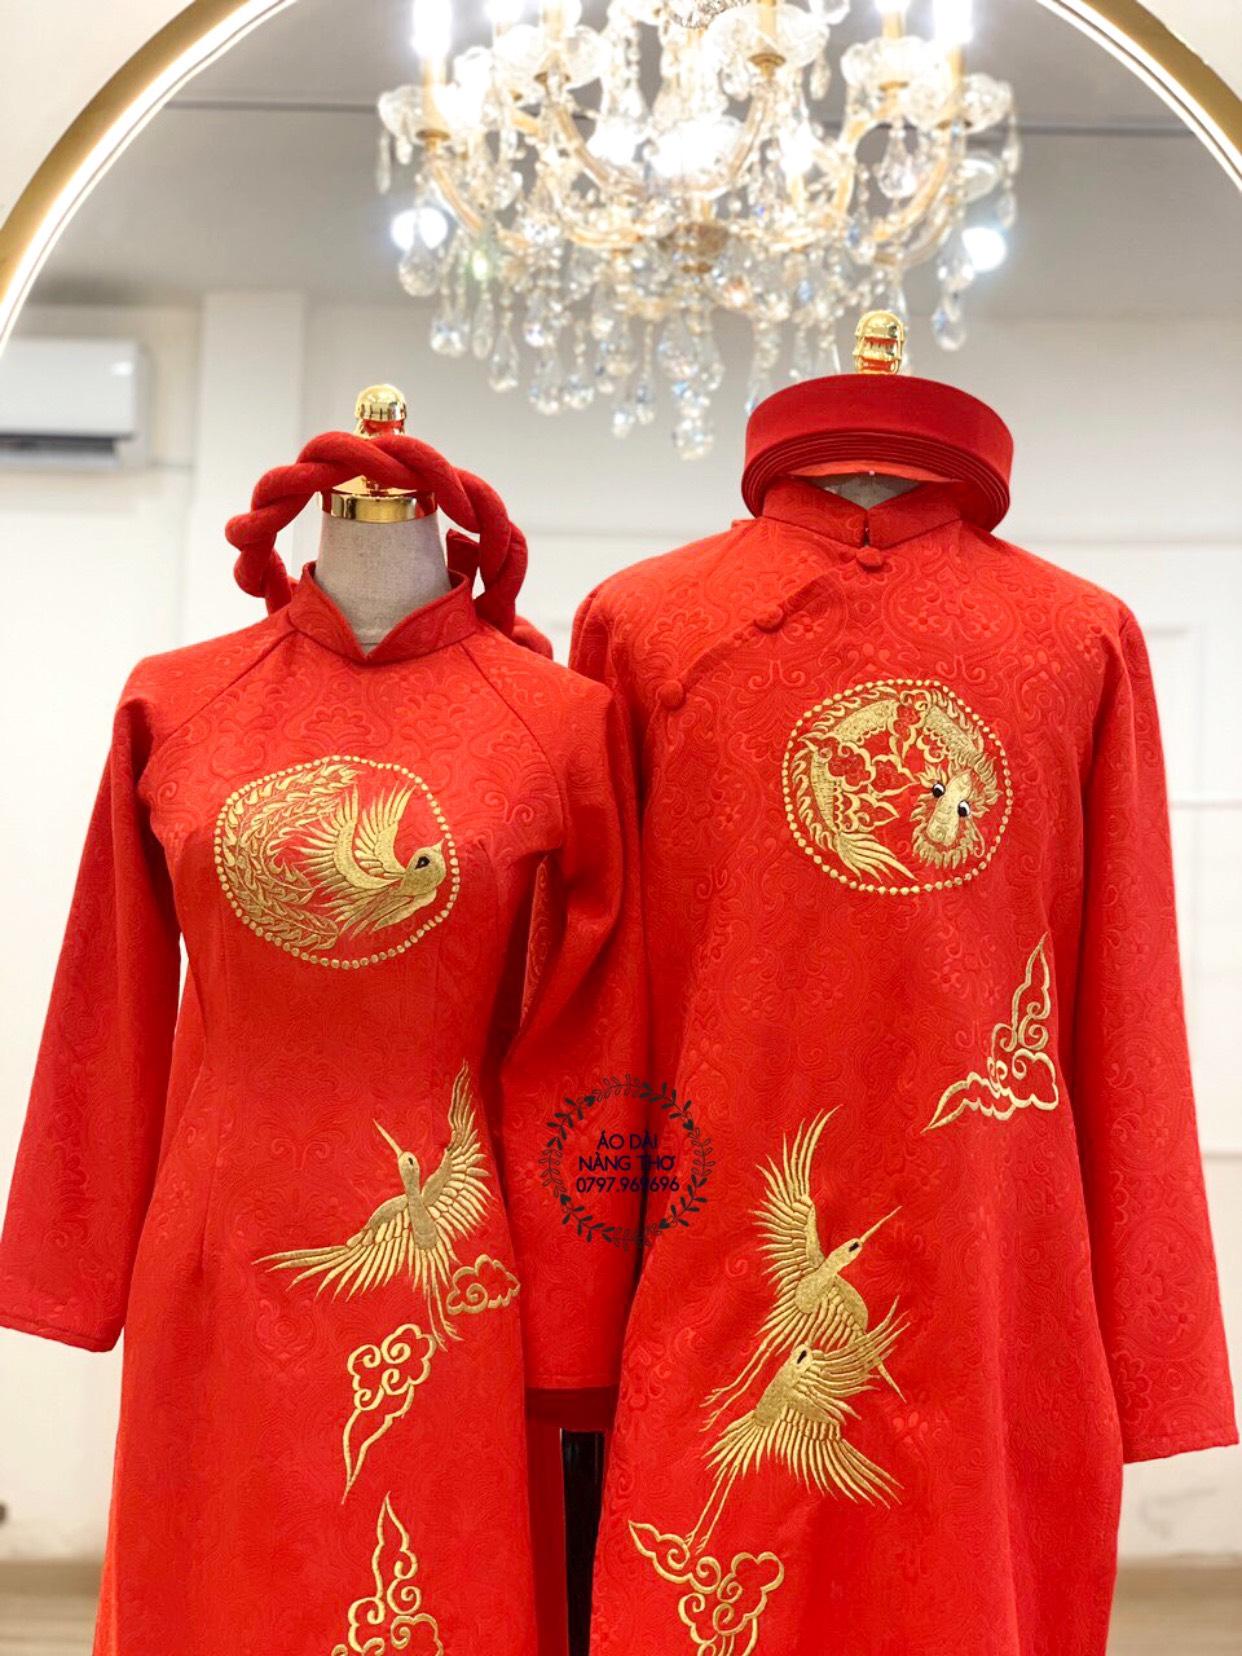 Áo dài Cưới Cặp Gấm Đỏ Thêu Họa Tiết Rồng Và Chim Phượng Hoàng